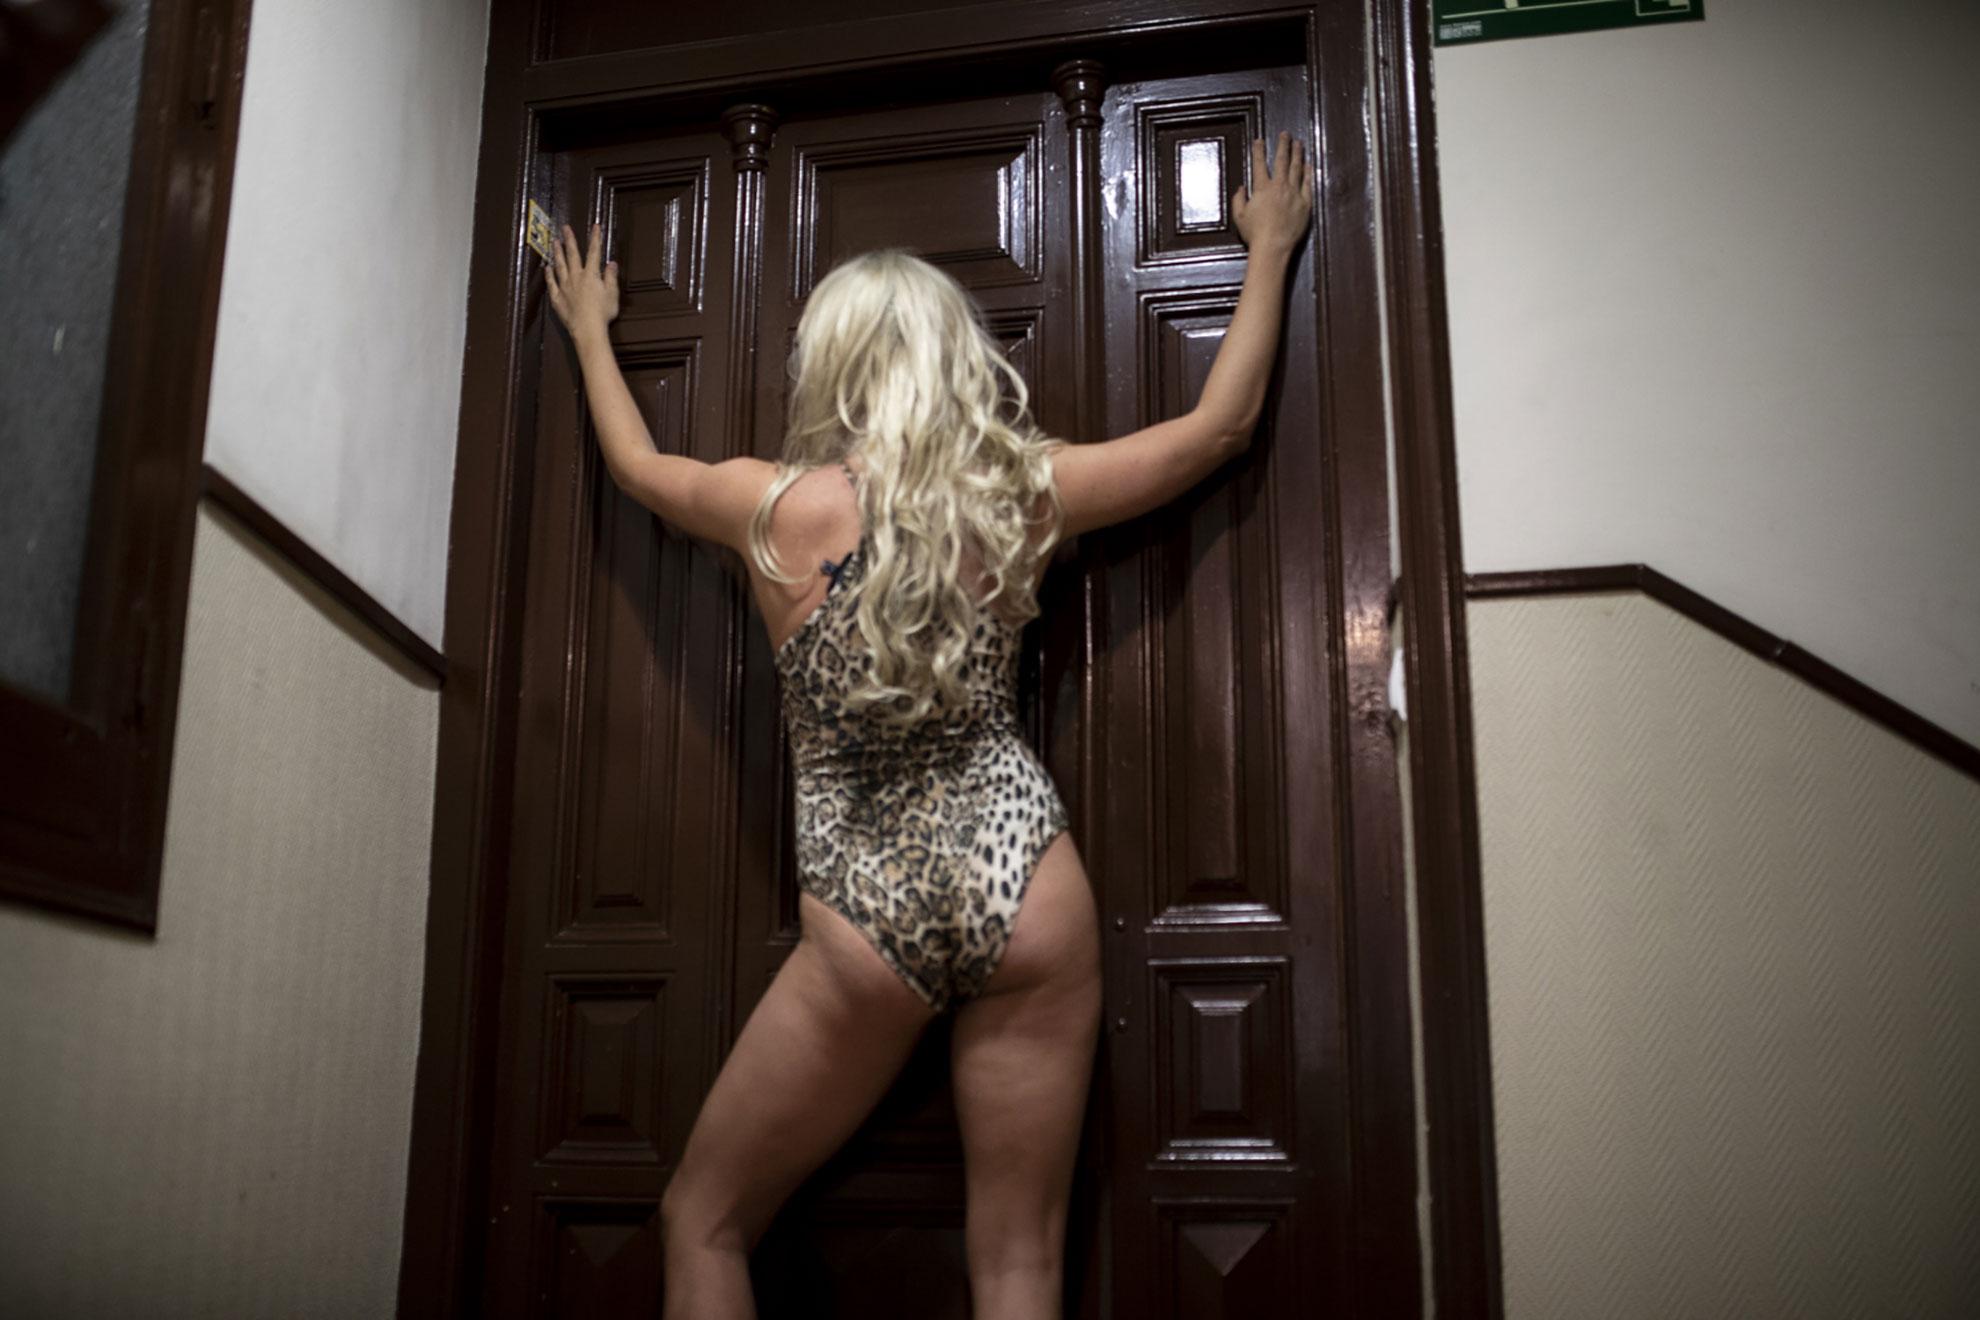 """Shakira suena a lo lejos, el ritmo sube desde el bajo izquierda. Después de los aplausos de las ocho, la música inunda las calles de Lavapiés. Desde que se decretó el Estado de Alarma por el Covid-19, los vecinos de Olmo 33 han llevado a casa de Victor y Xevi sus CD's favoritos, y ellos se encargan de pincharlos. Los viernes, los discos dan paso las copas, a las risas detrás de las puertas, una explosión de vida para escapar de los 40 días de confinamiento que ya van pesando en los cuerpos y en las mentes. Suena el móvil, un mensaje de Whatsapp dice: """"Asómate al descansillo de la escalera, tenemos una sorpresa""""."""